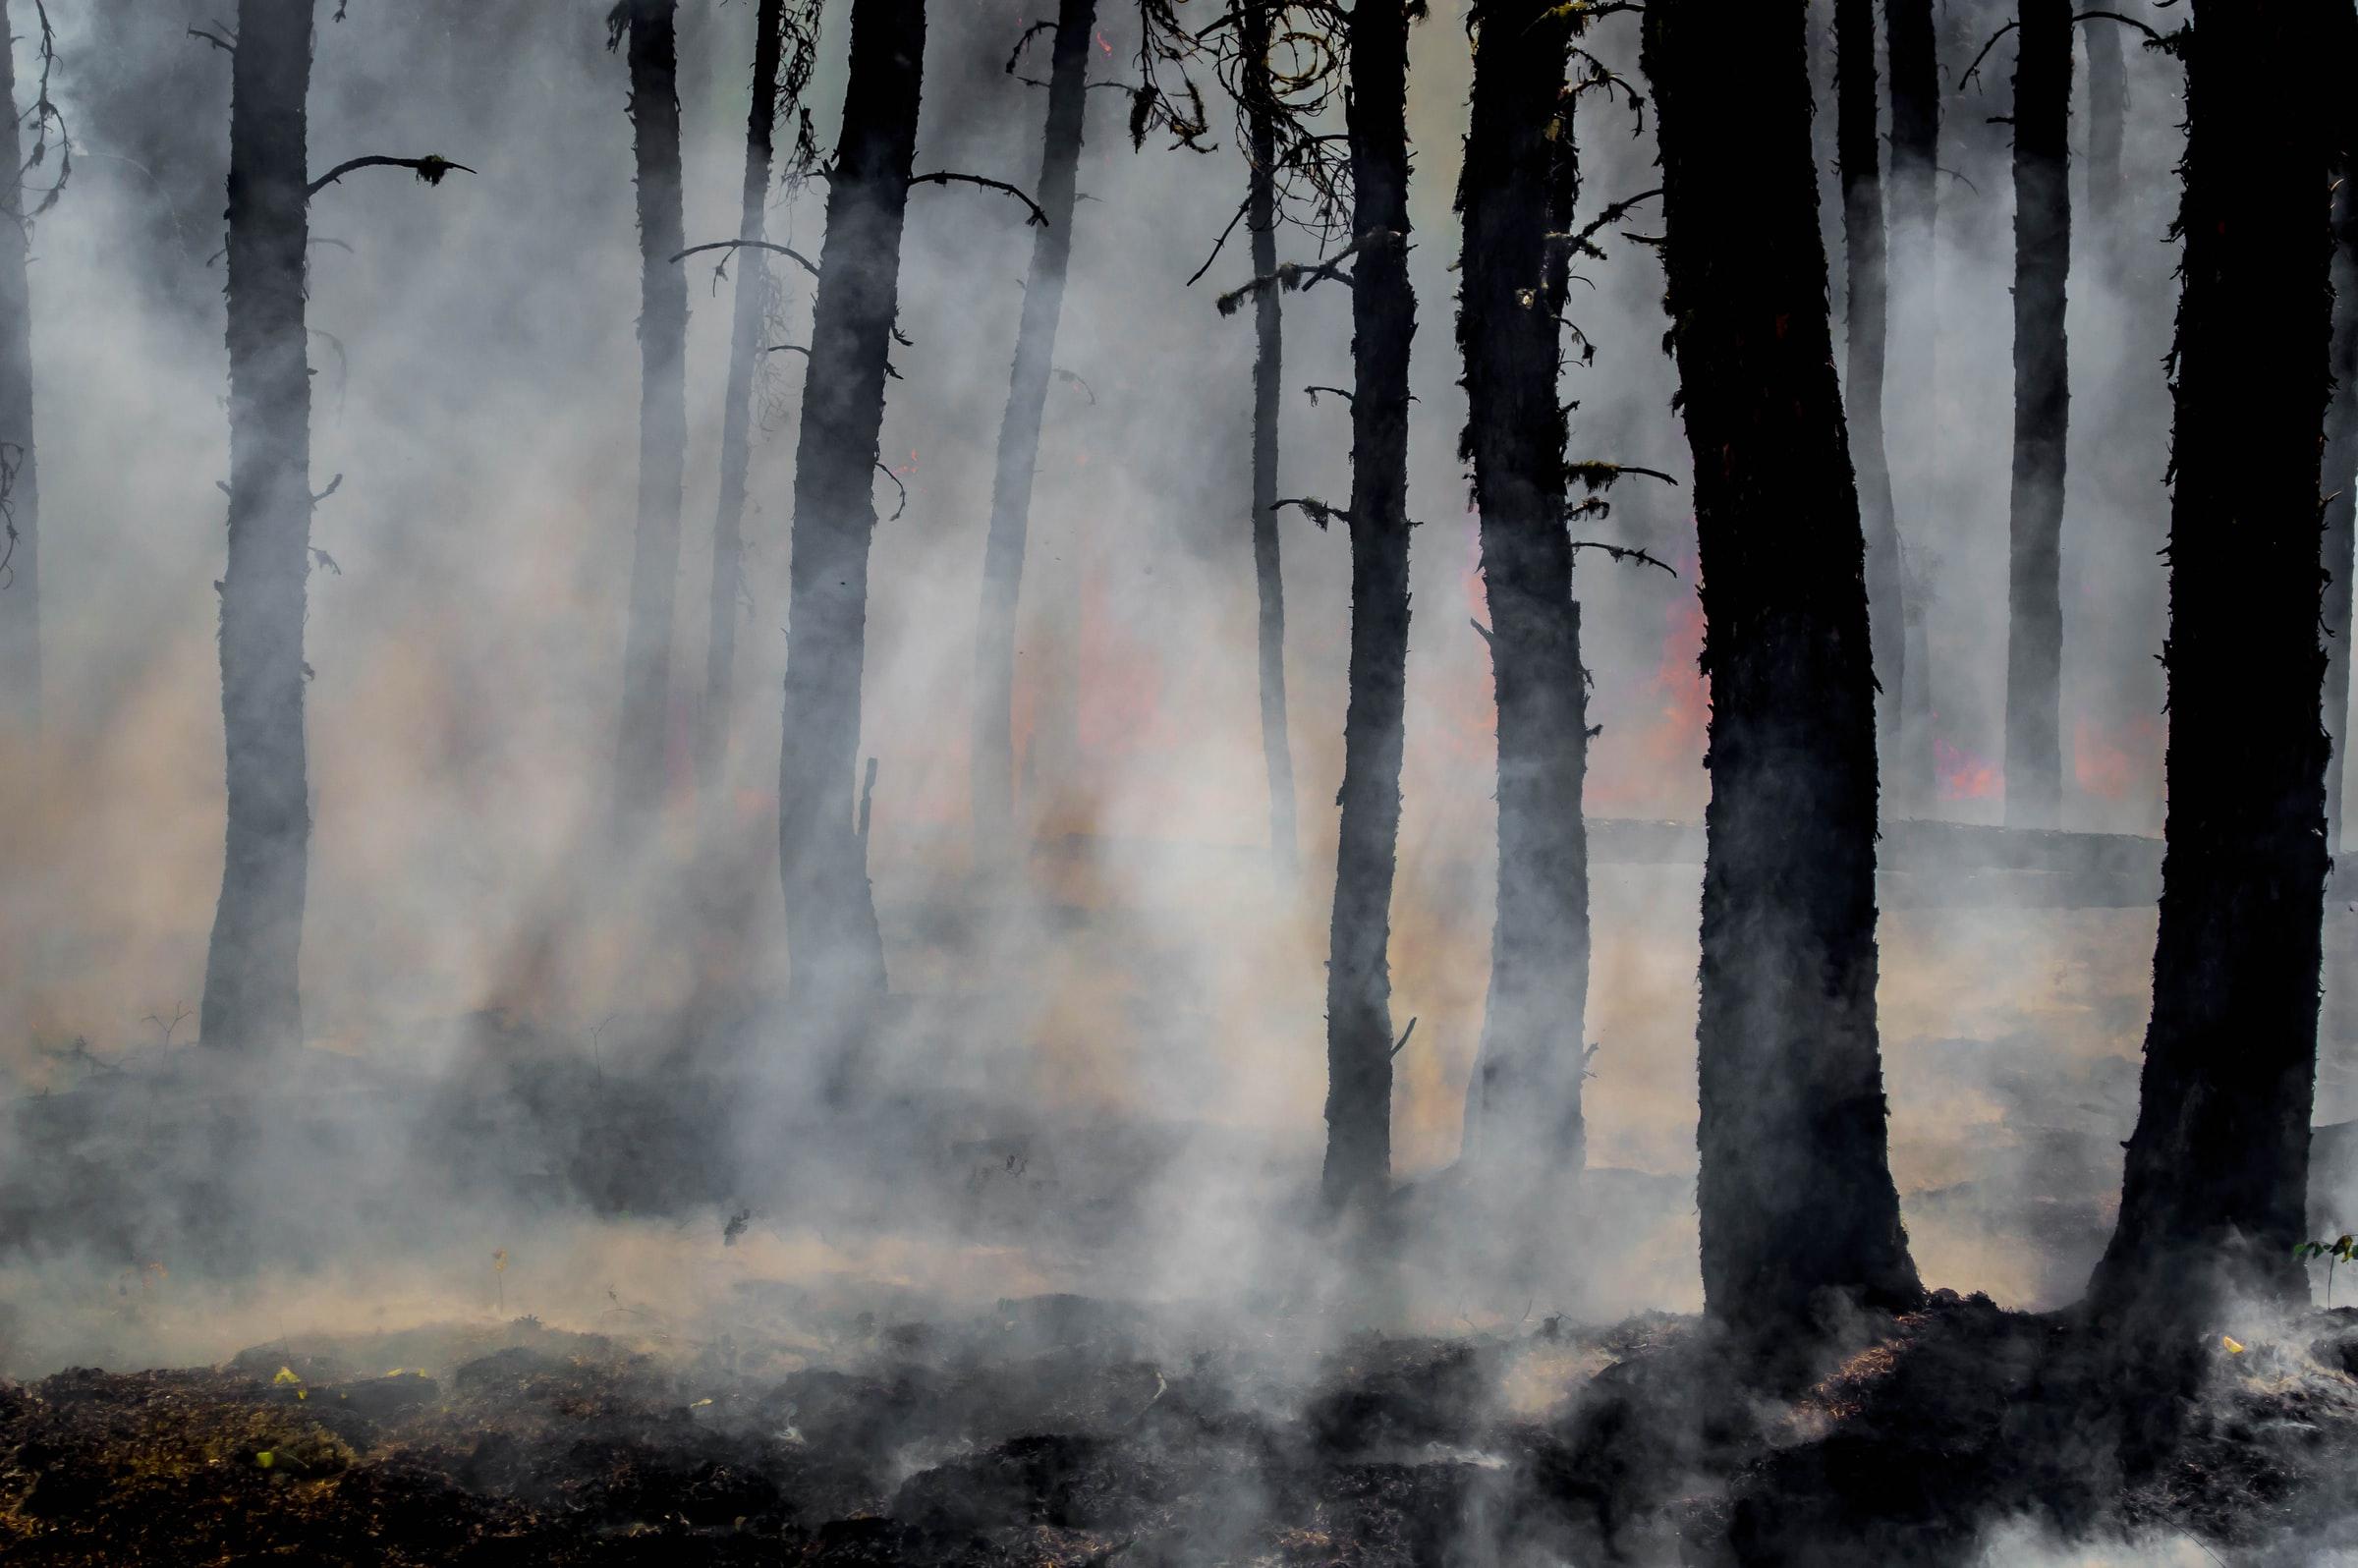 burned-tree-trunks